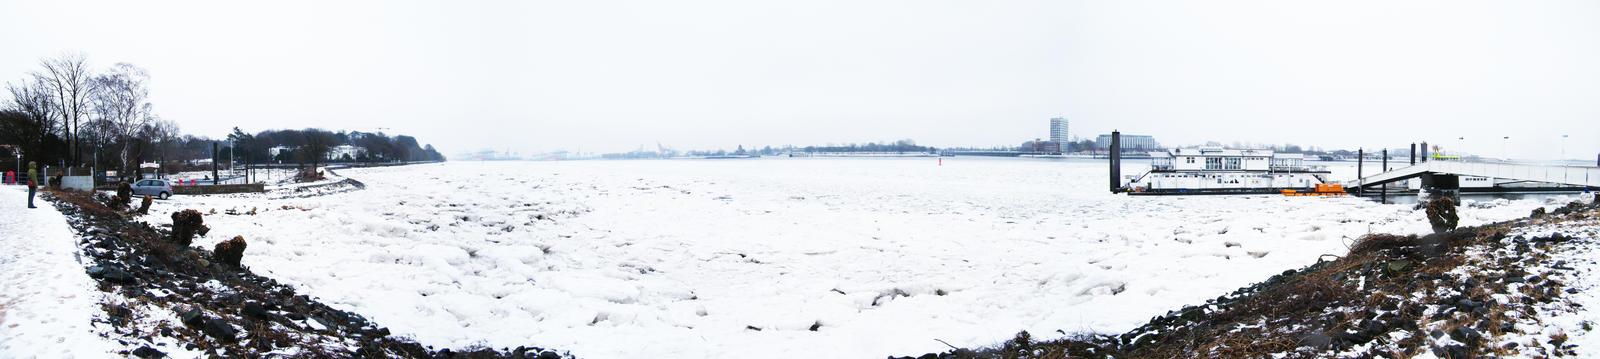 Frozen Elbe